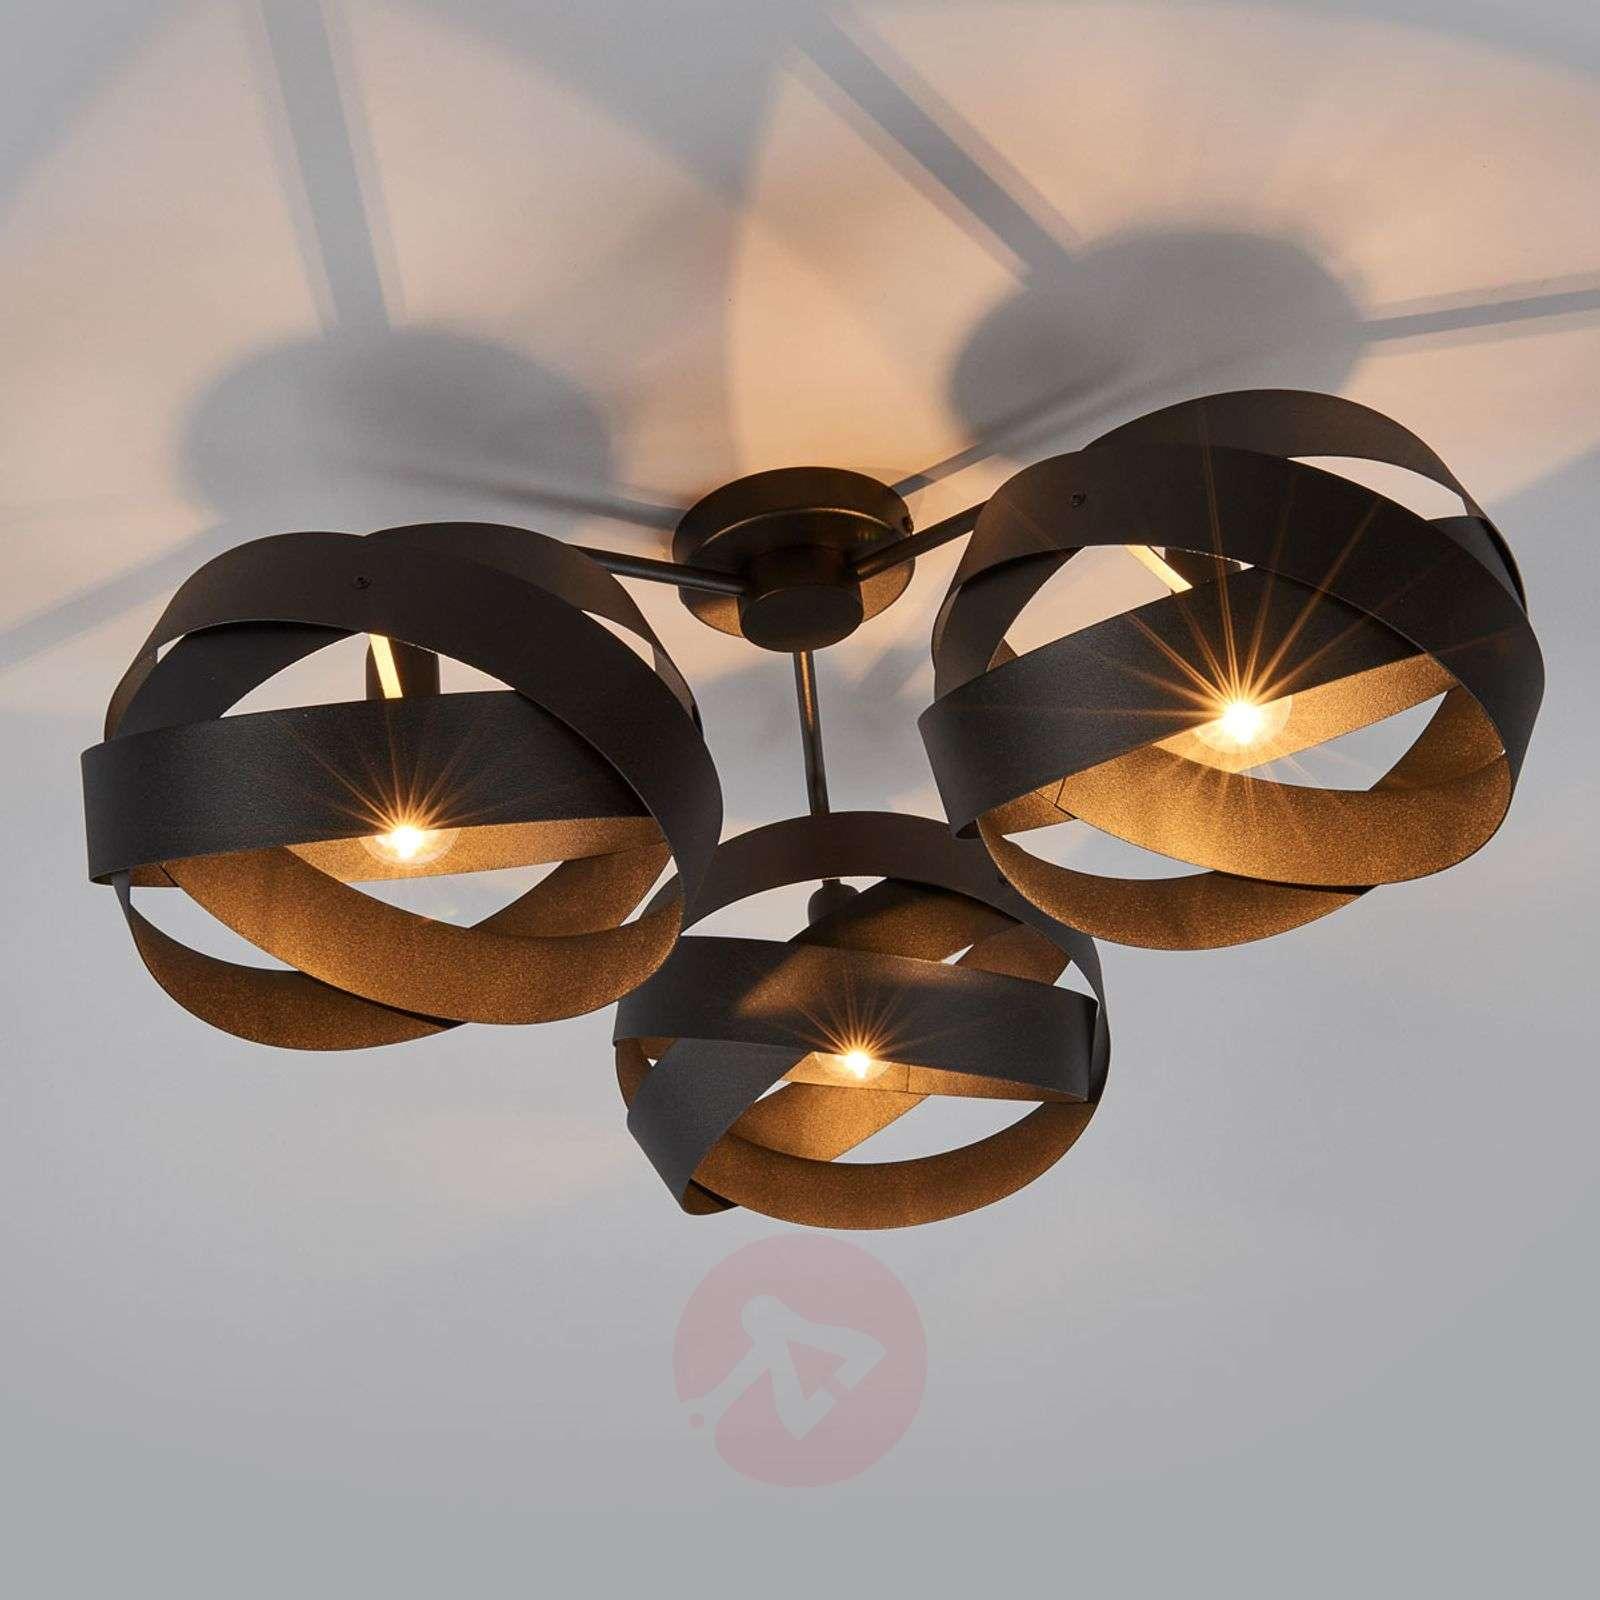 3-bulb Tornado ceiling light-6089033-02